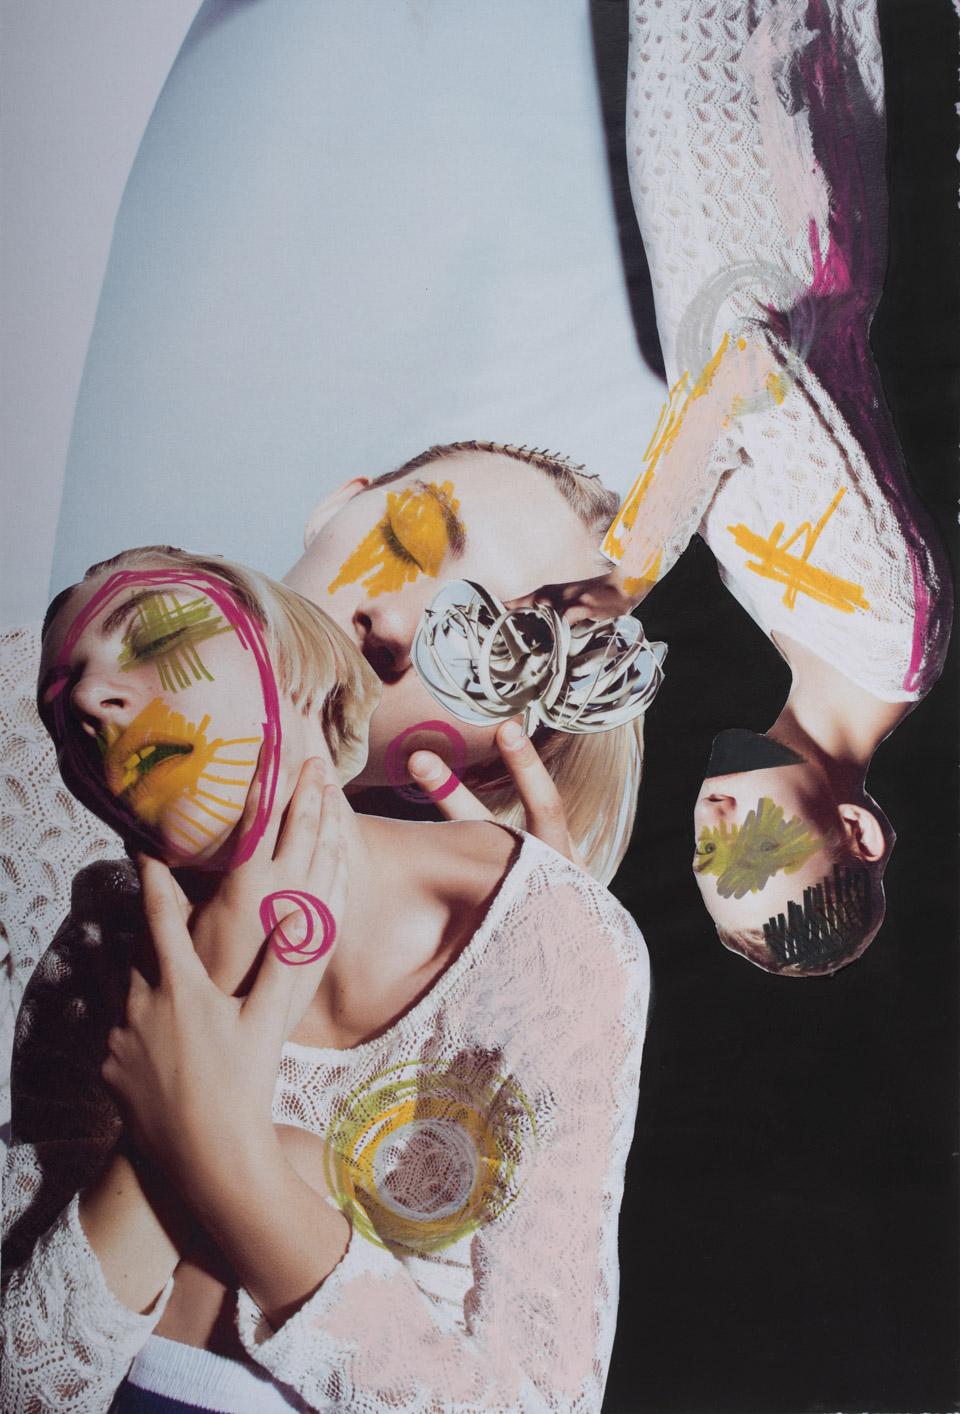 painted_woman15.jpg